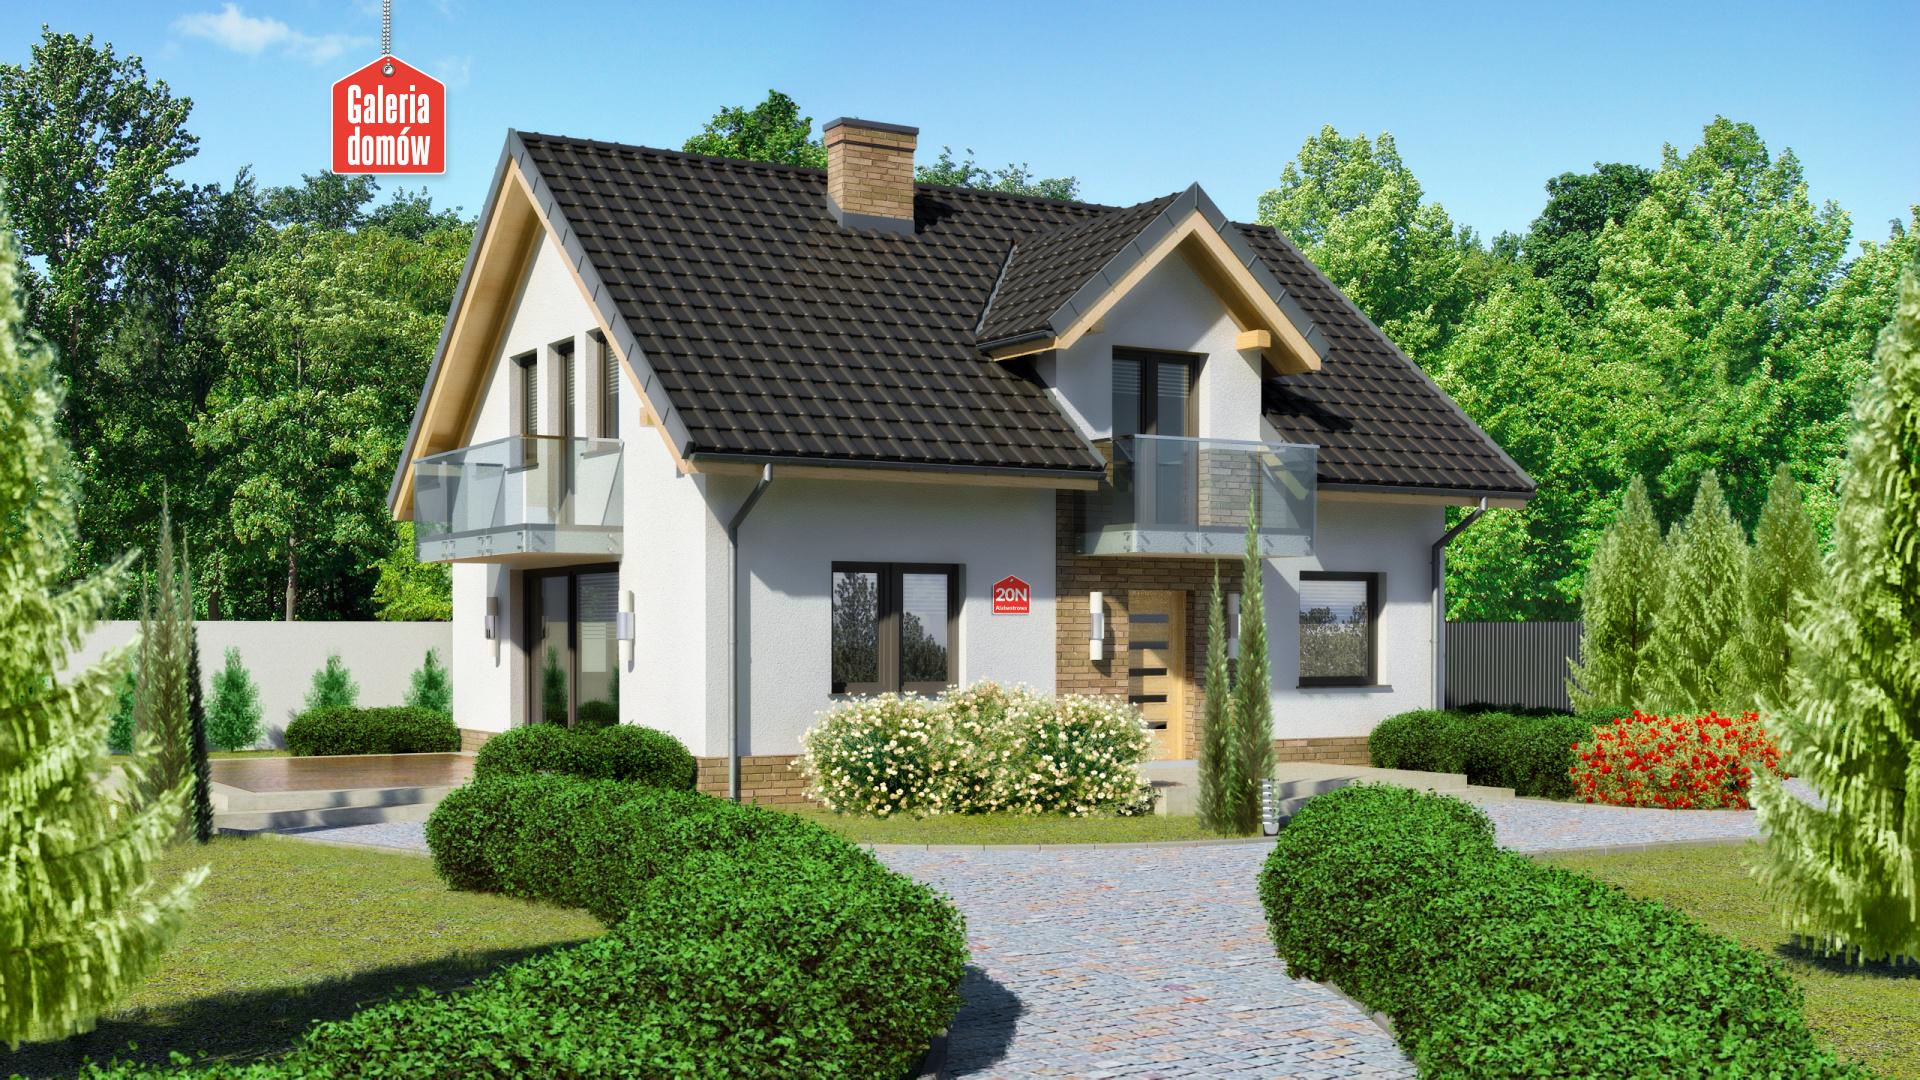 Dom Przy Alabastrowej 20 N Gotowy Projekt Domu Jednorodzinnego